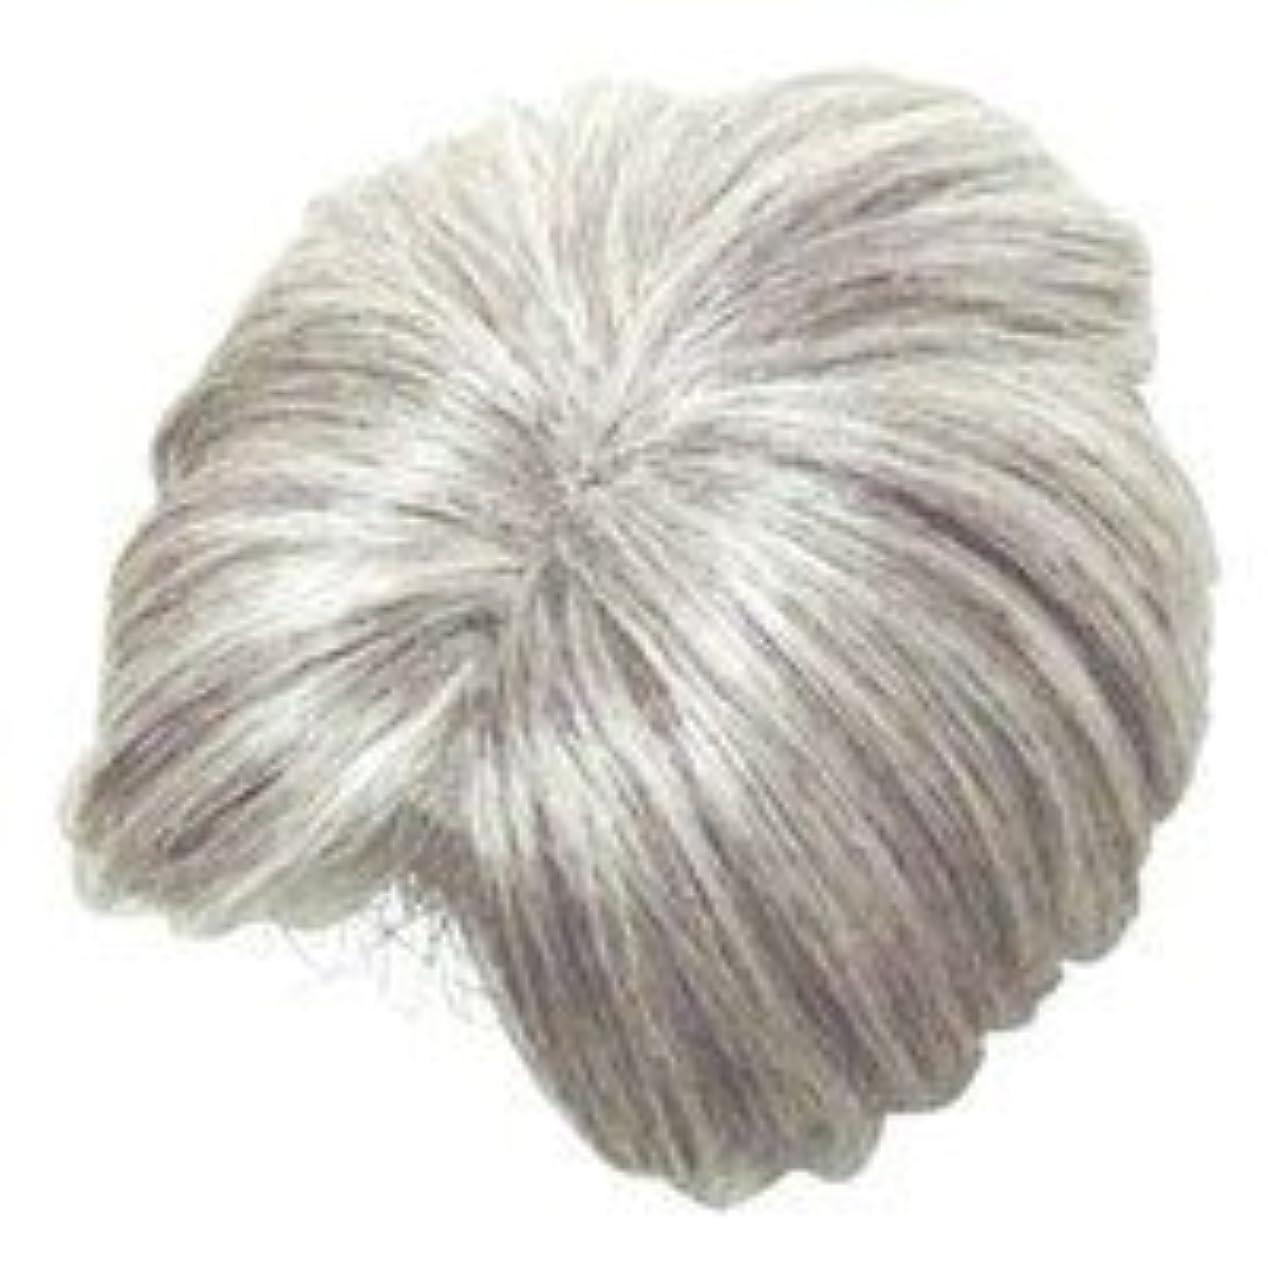 モアヘアピース部分かつら (白髪80パーセント)